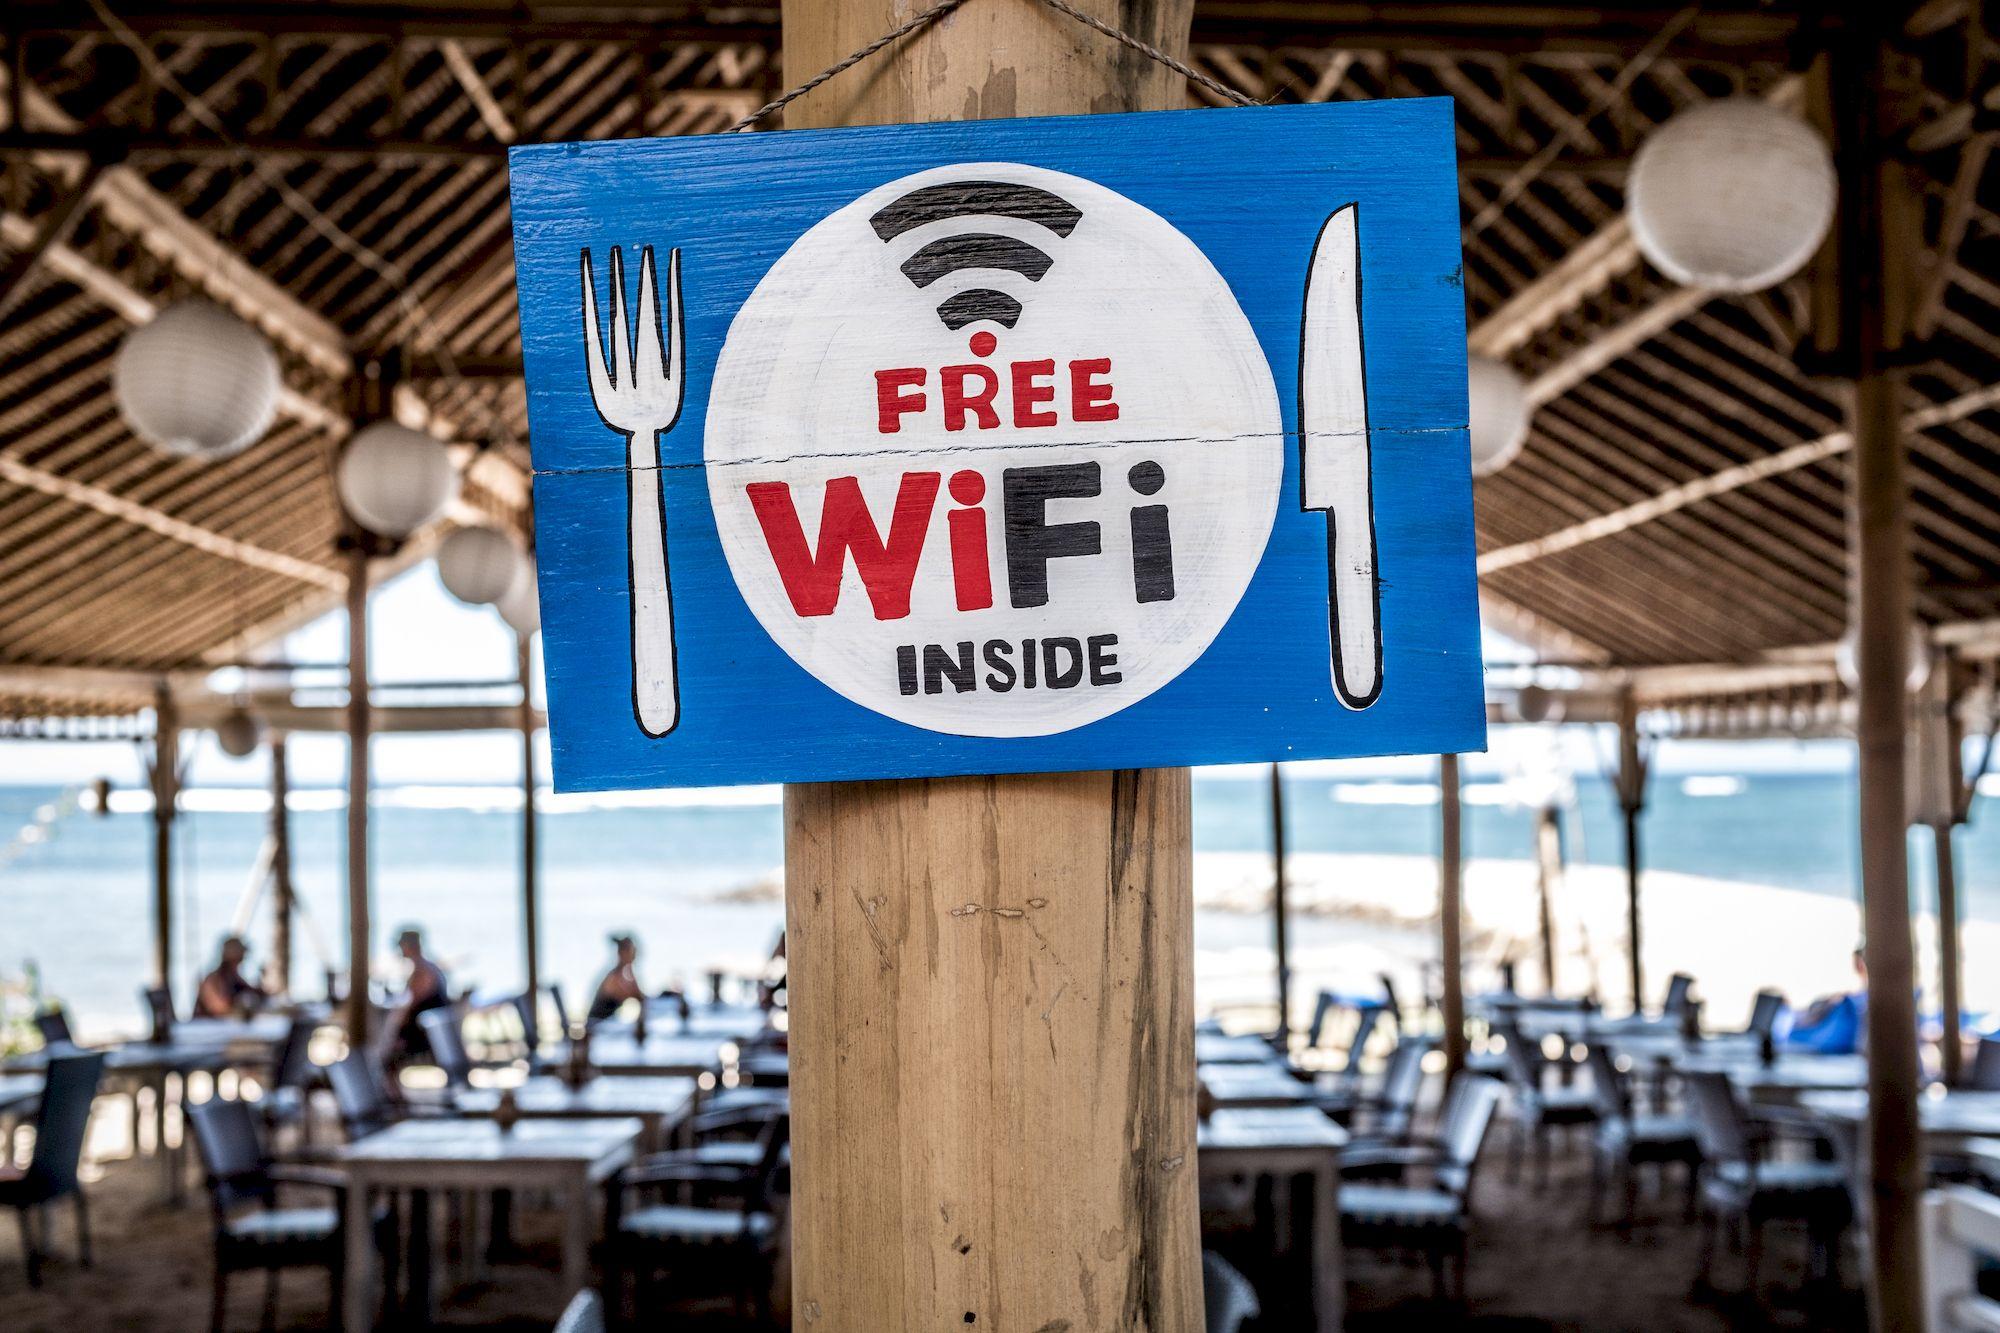 Pourquoi les WiFi publics sont-ils réputés aussi peu sûrs pour vos données ?